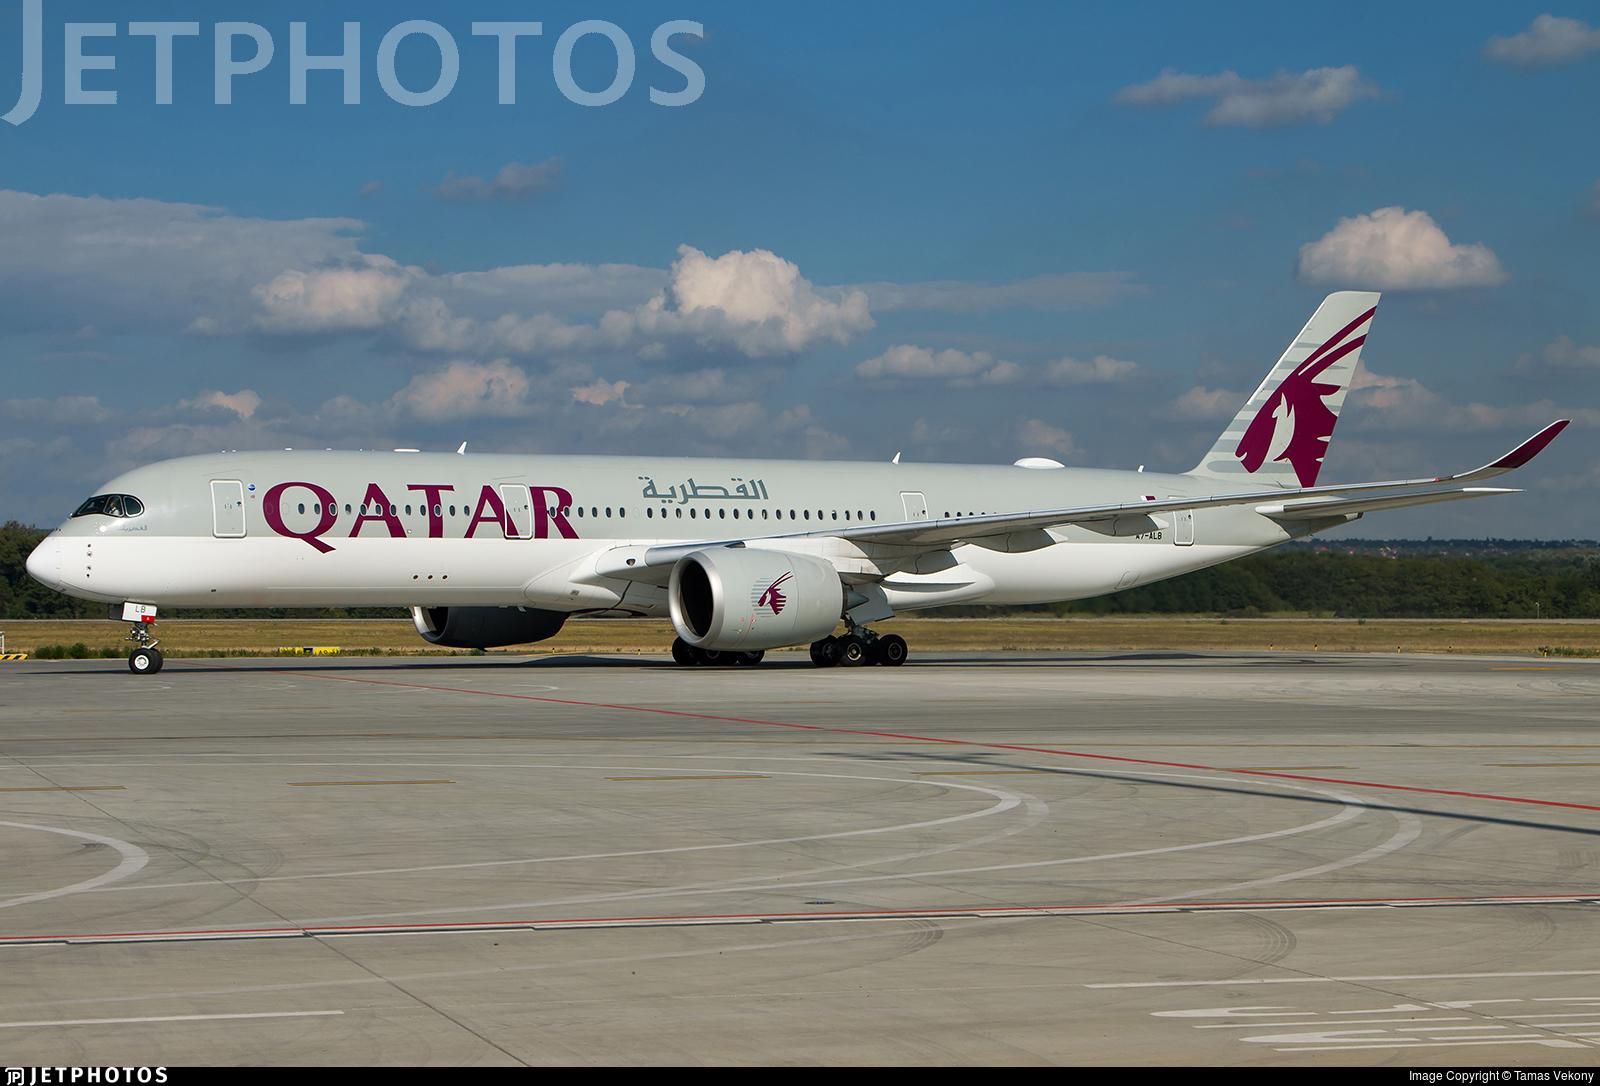 A7-ALB - Airbus A350-941 - Qatar Airways